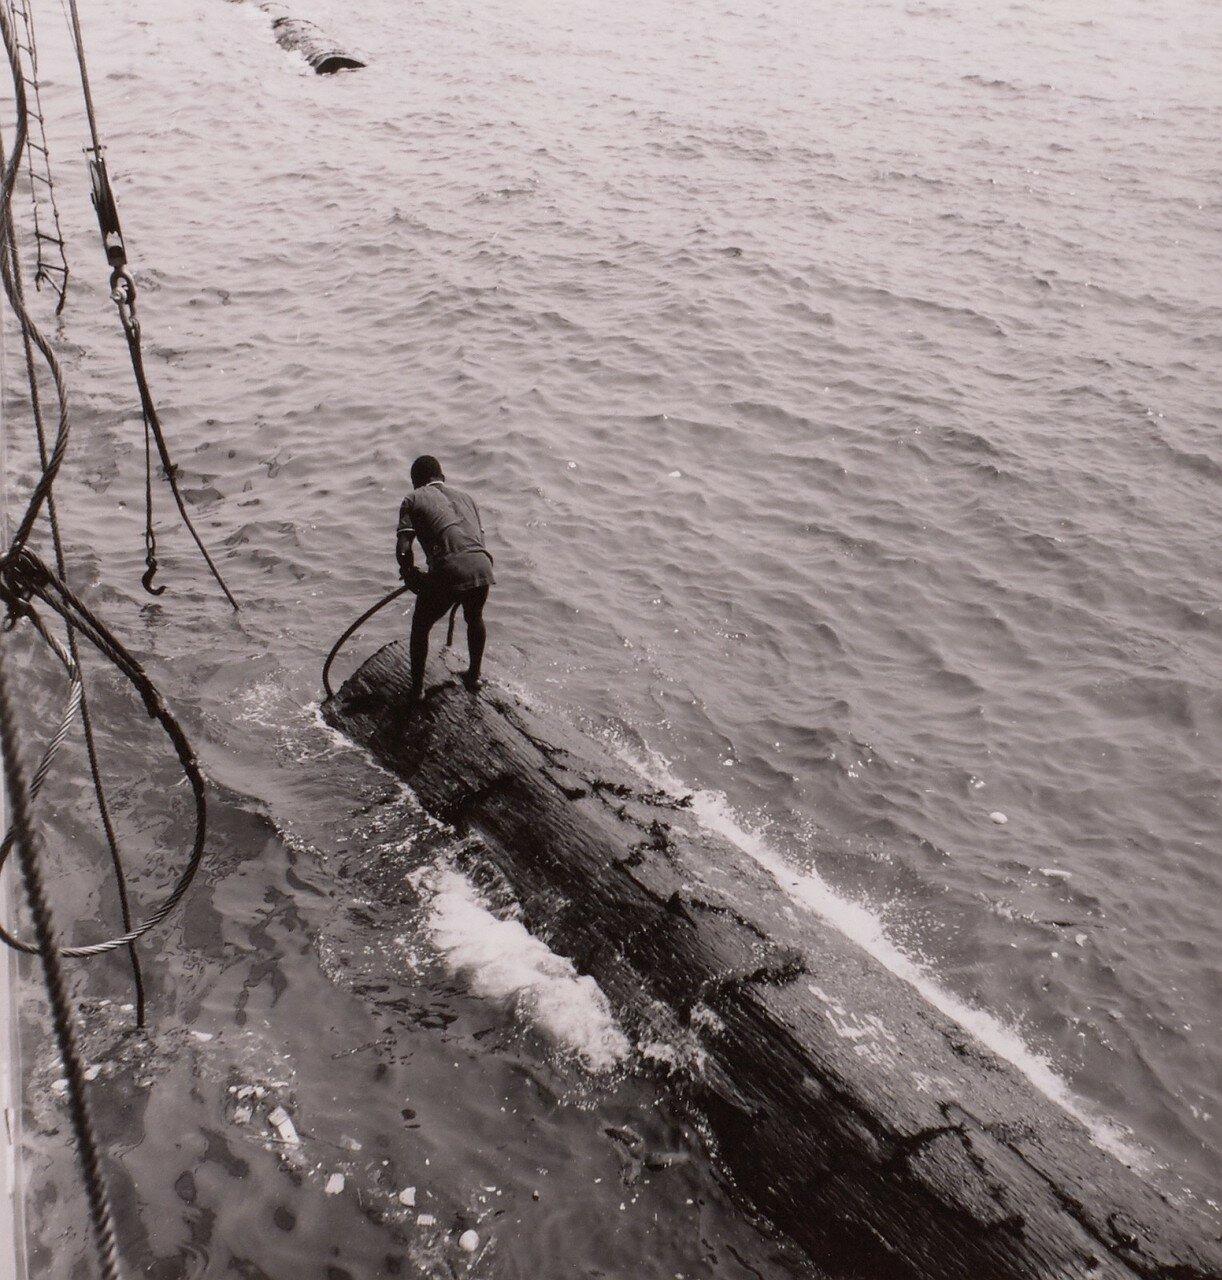 Сасандра. Доставка древесины на корабль в порту